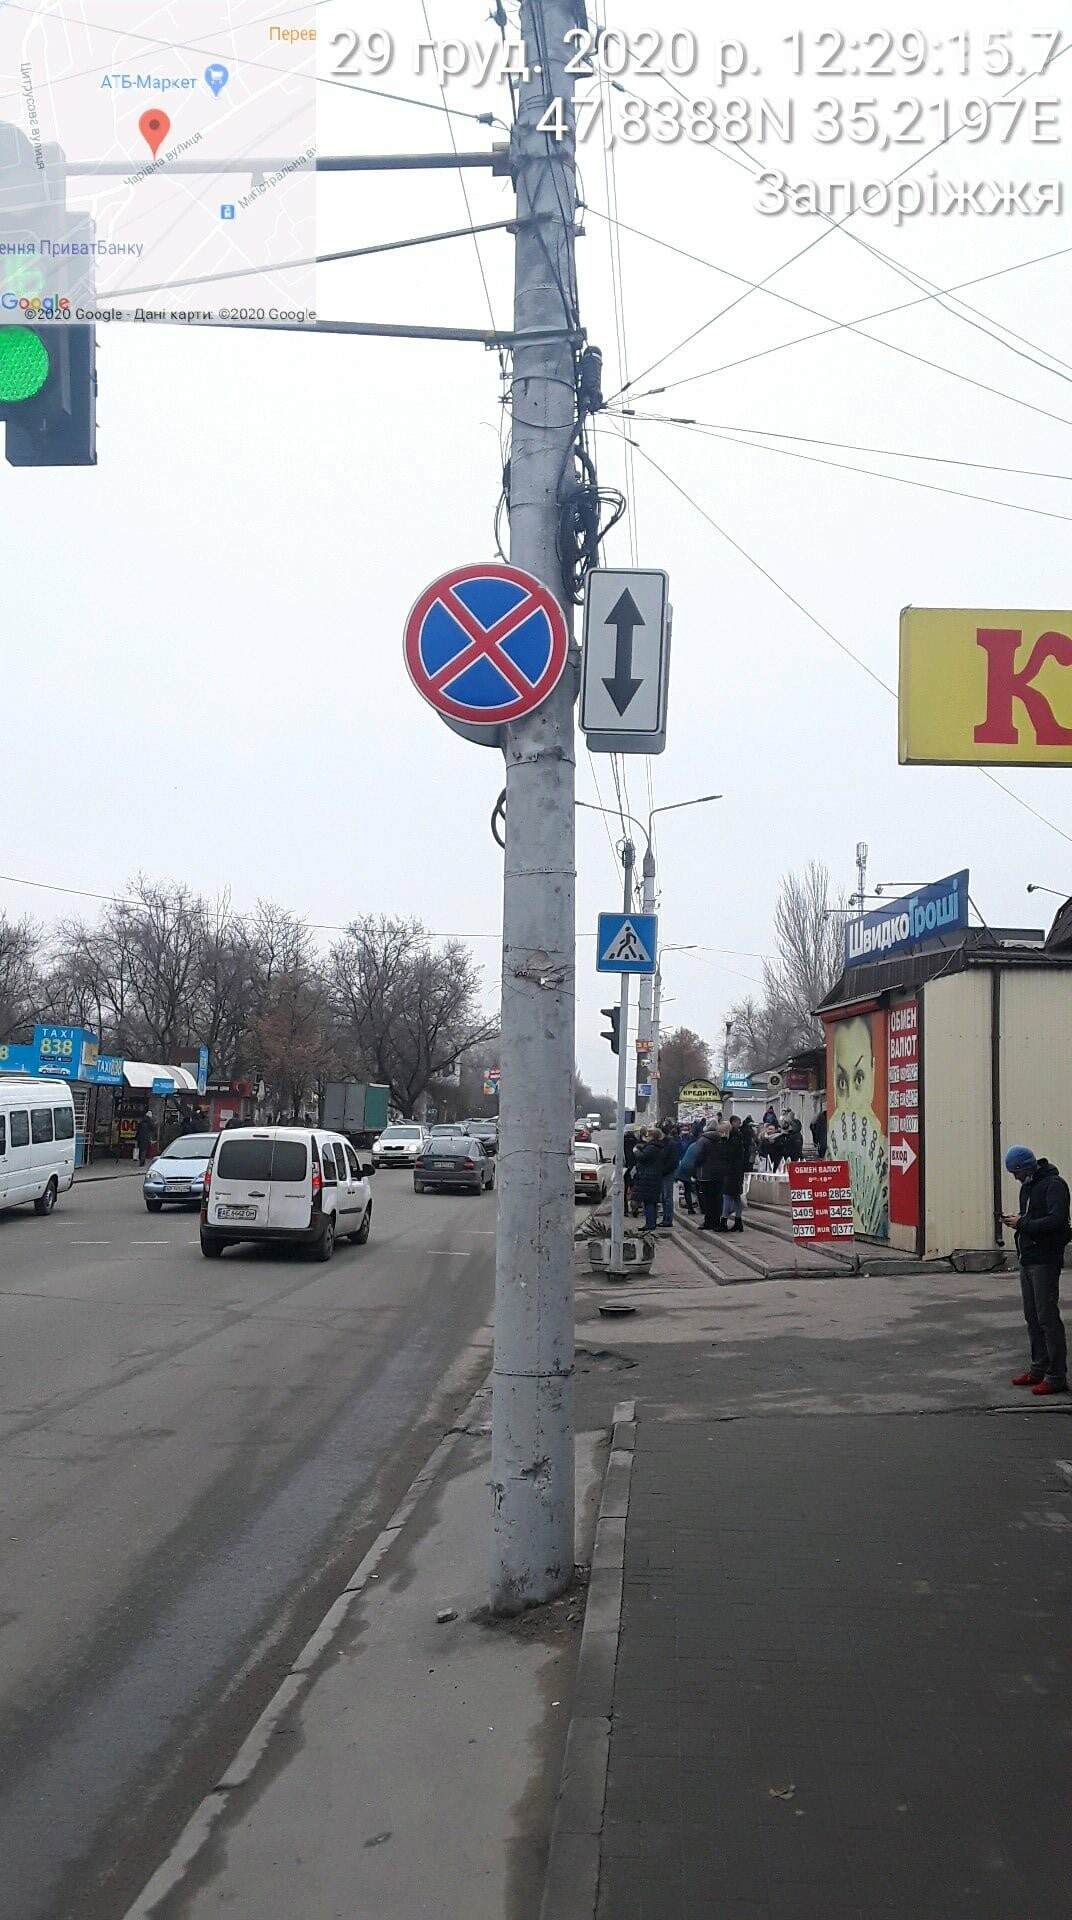 Знаки на меня не распространяются: водителю служебного авто госпредприятия выписали штраф за парковку в запрещенном месте  , фото-2